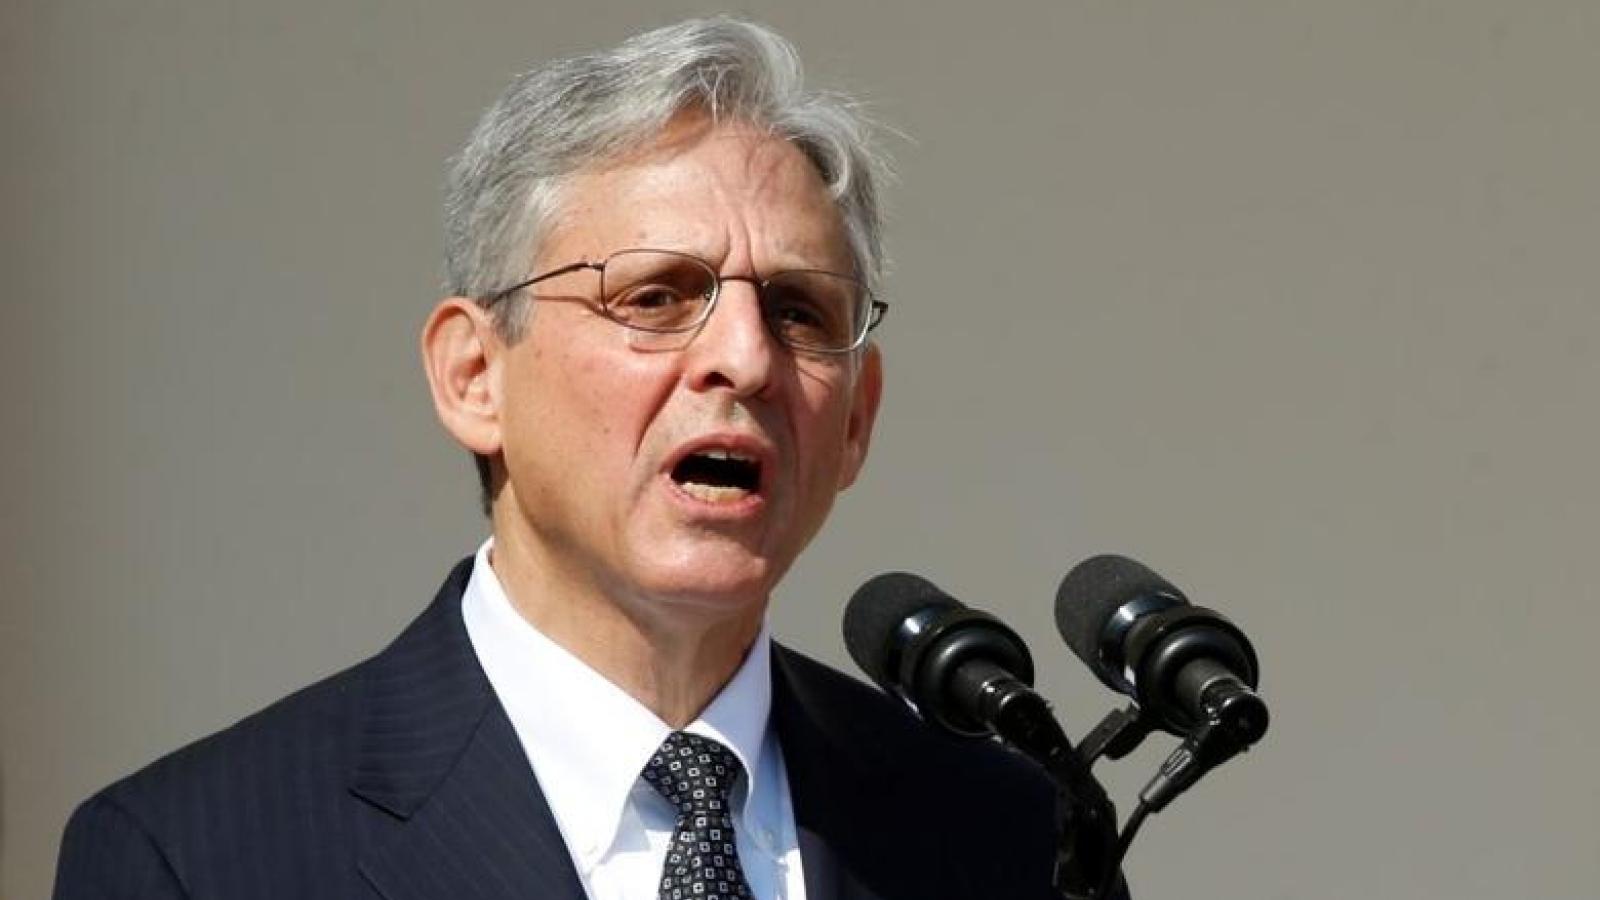 Ủy ban Tư pháp Thượng viện Mỹ thông qua đề cử Bộ trưởng Tư pháp mới